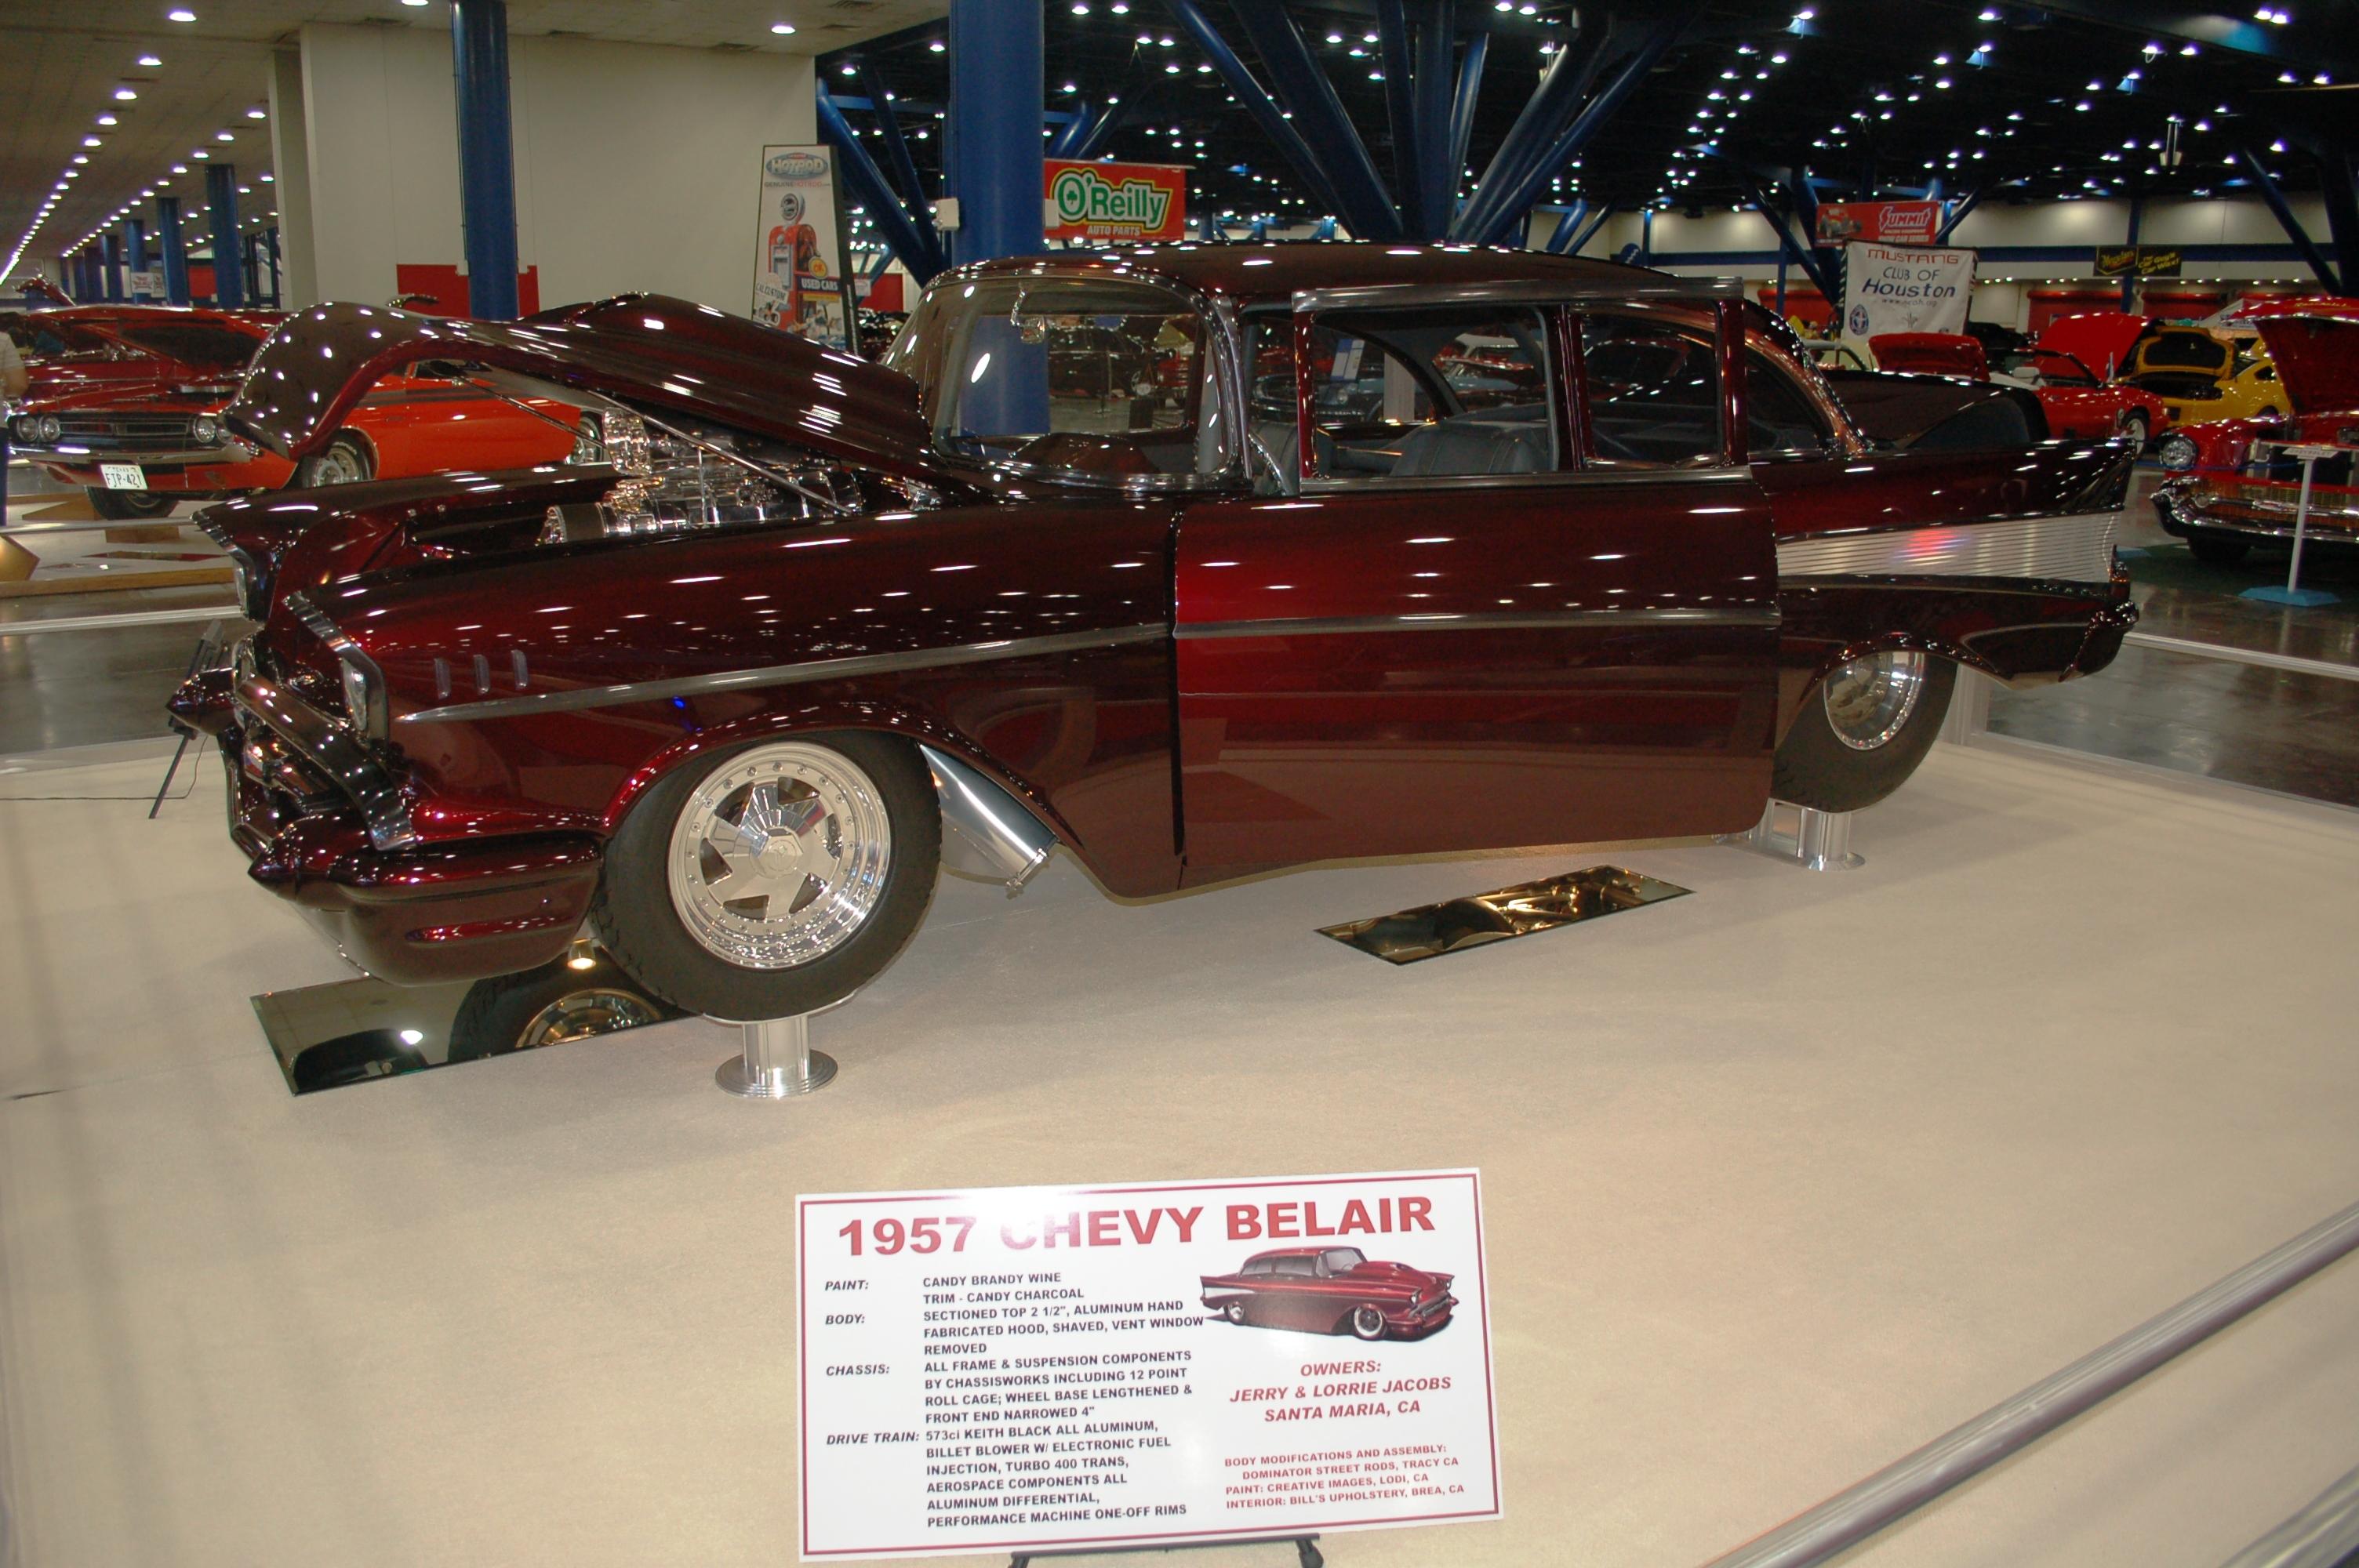 Lone Star Chevrolet Houston Tx >> 1